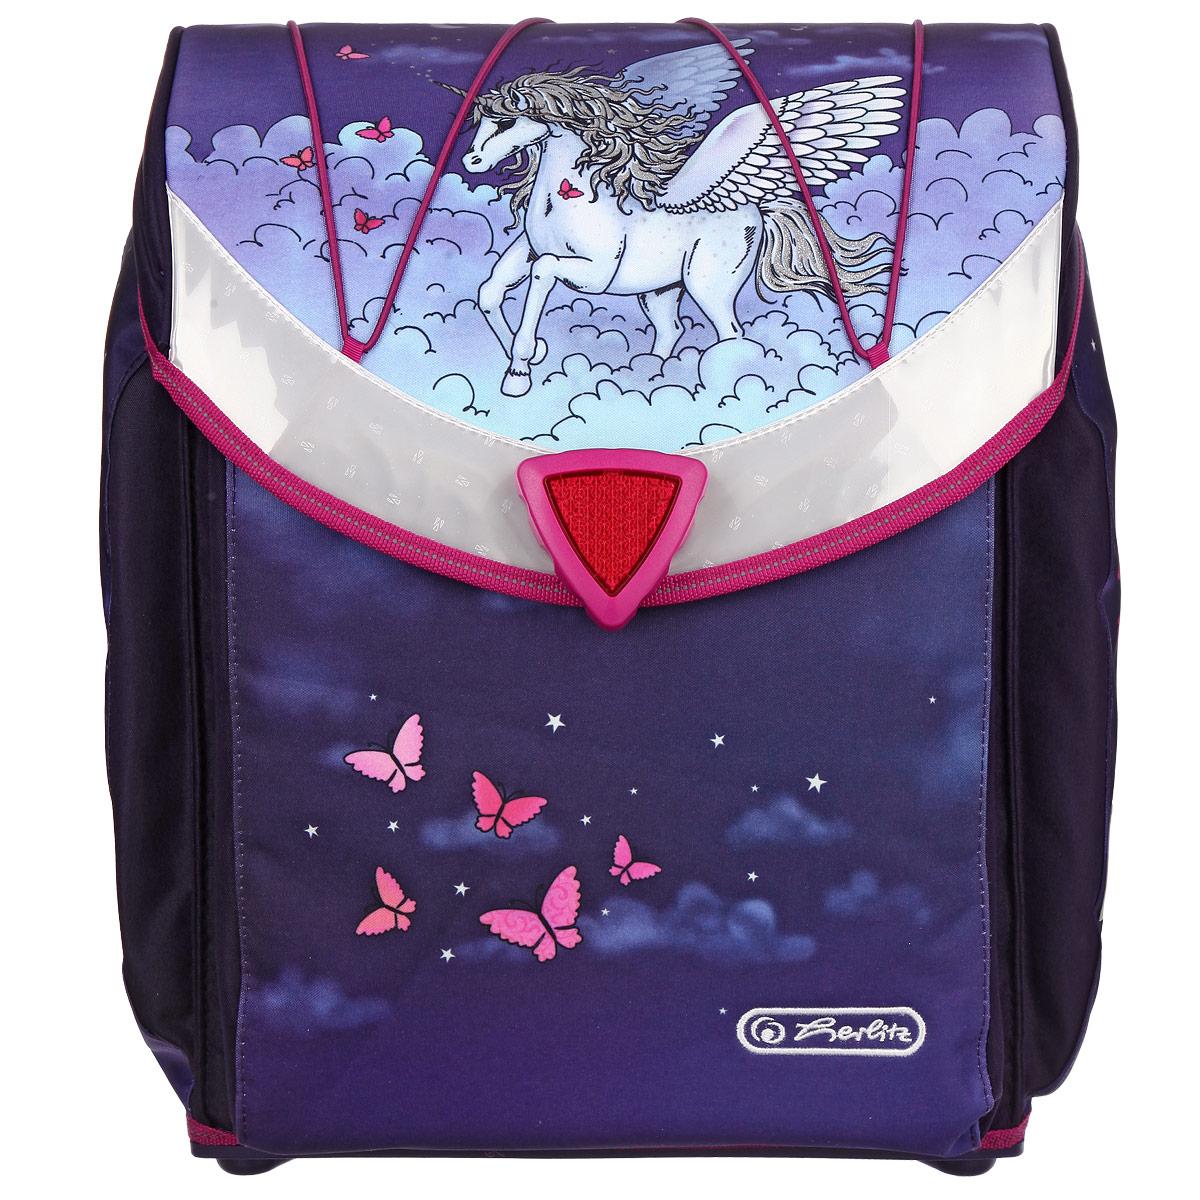 Ранец школьный Herlitz Flexi Pegasus, цвет: фиолетовый11280062Школьный ранец Herlitz Flexi Pegasus станет для вашего ребенка надежным спутником в получении знаний. Ранец с жестким корпусом выполнен из прочного водооталкивающего материала фиолетового цвета и оформлен изображением пегаса. Ранец содержит два вместительных отделения. Внутри одного из них находится фиксатор для тетрадей и учебников. Внутри второго отделения расположены текстильная перегородка с уплотнителем и большой карман-сеточка на застежке-молнии. Ранец закрывается клапаном с поворачивающейся магнитной защелкой. На внутренней части клапана находятся два пластиковых кармашка, в которые можно поместить расписание уроков и визитку с личными данными владельца. Сверху на клапане имеется эластичная шнуровка, с помощью которой на ранце можно закрепить куртку. По бокам ранца расположены два внешних потайных кармана, которые закрываются на застежки-молнии. Бегунки на застежках дополнены металлическими держателями с надписью Herlitz. ...